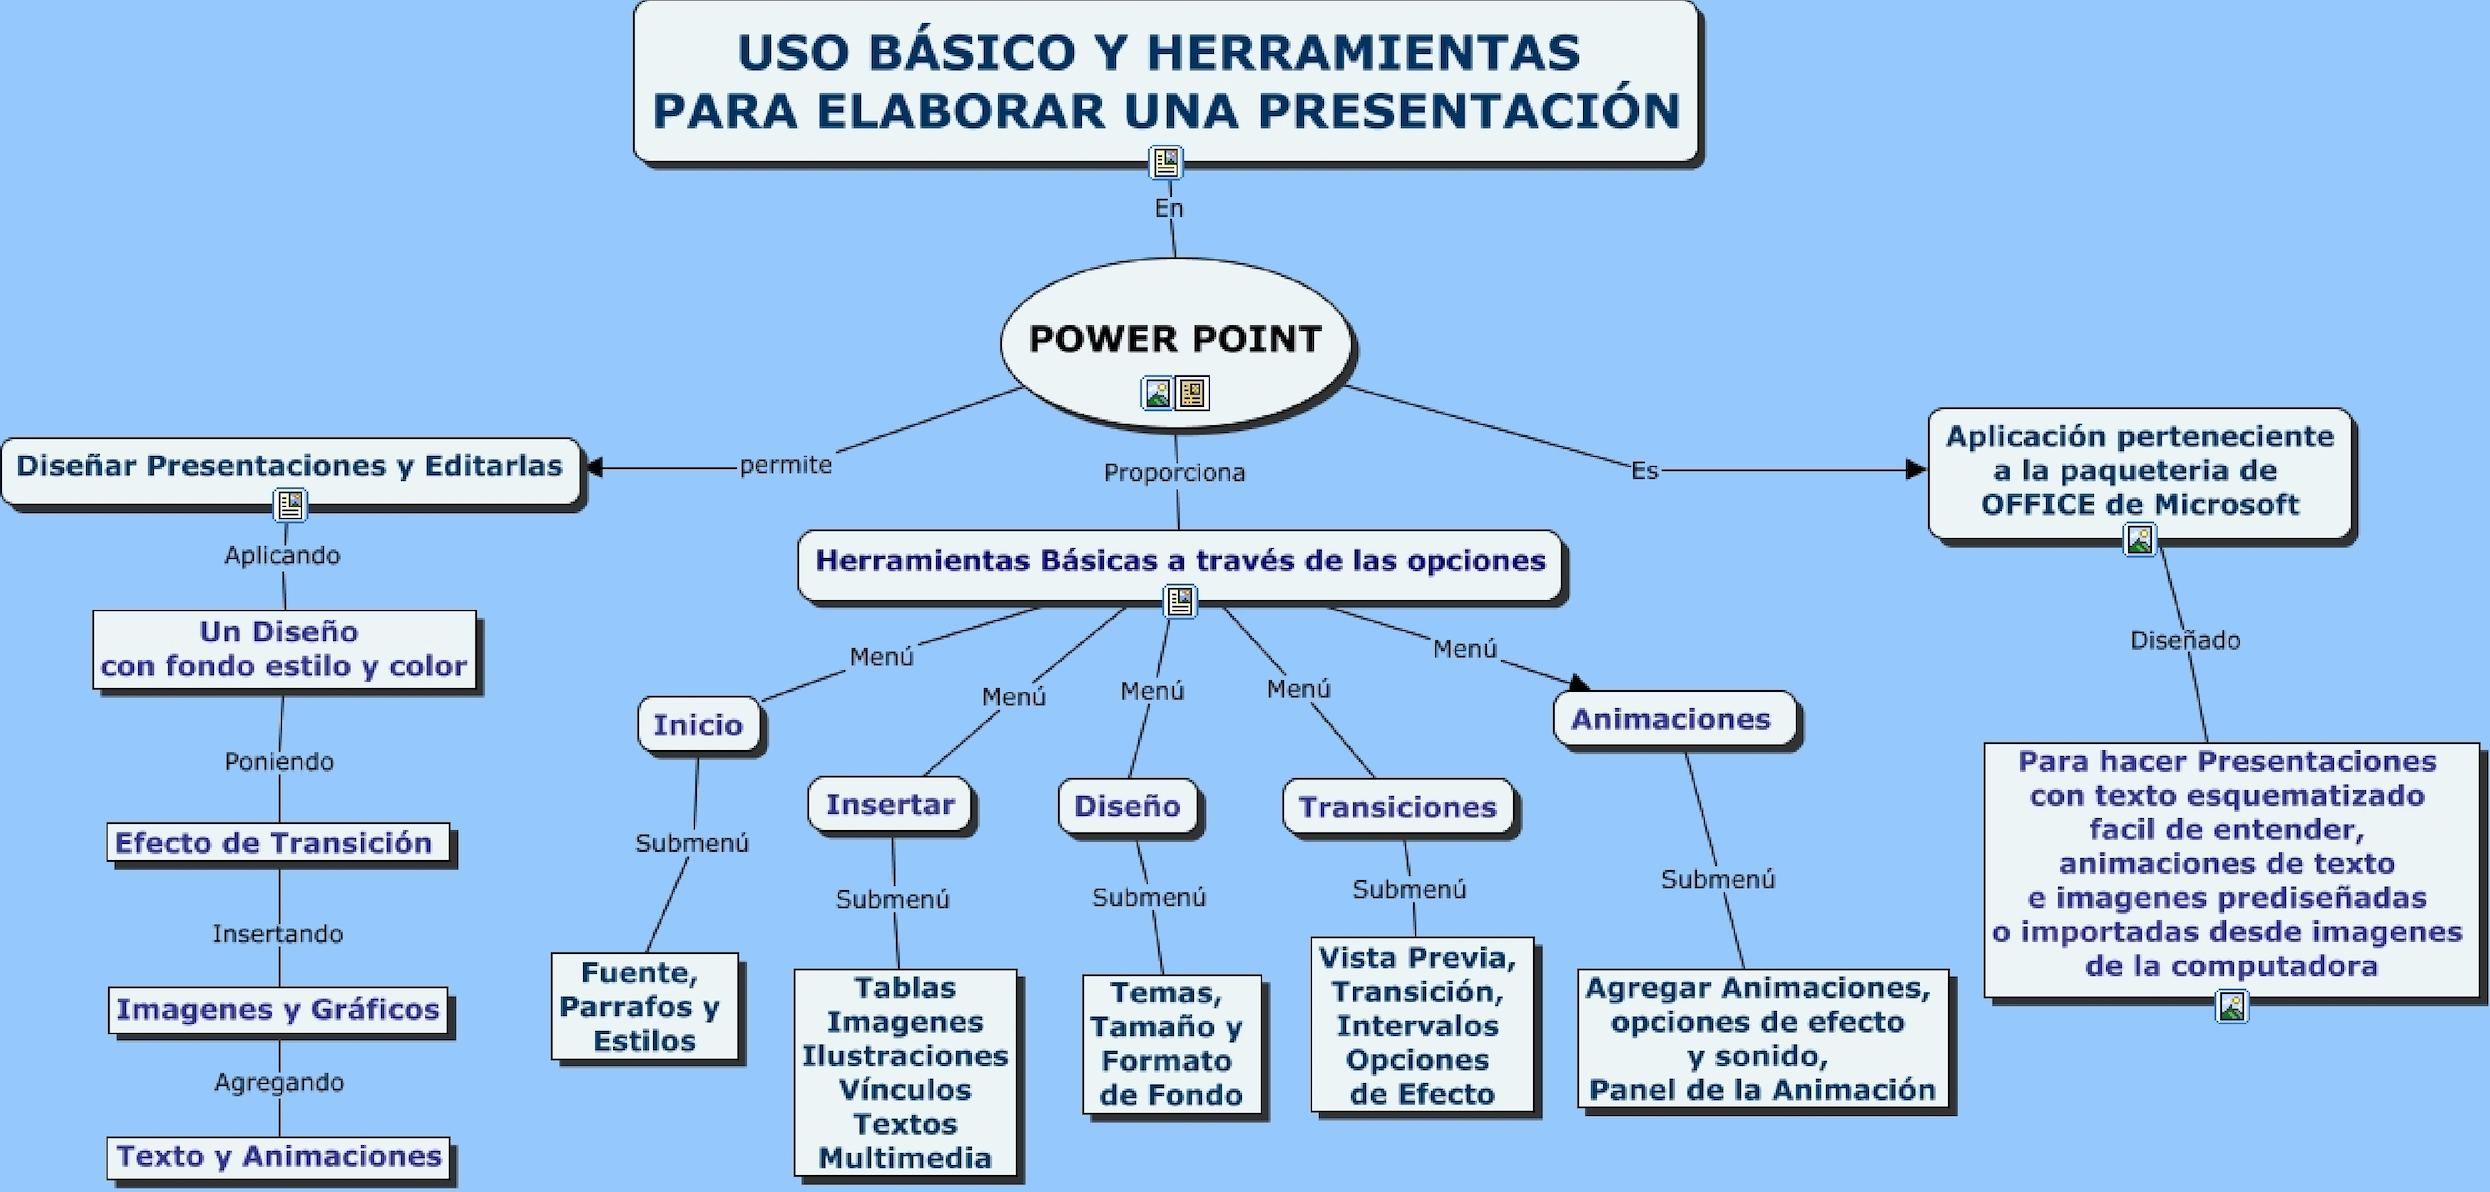 Terms Of Use >> Calaméo - Mapa Conceptual Herramientas De Power Point